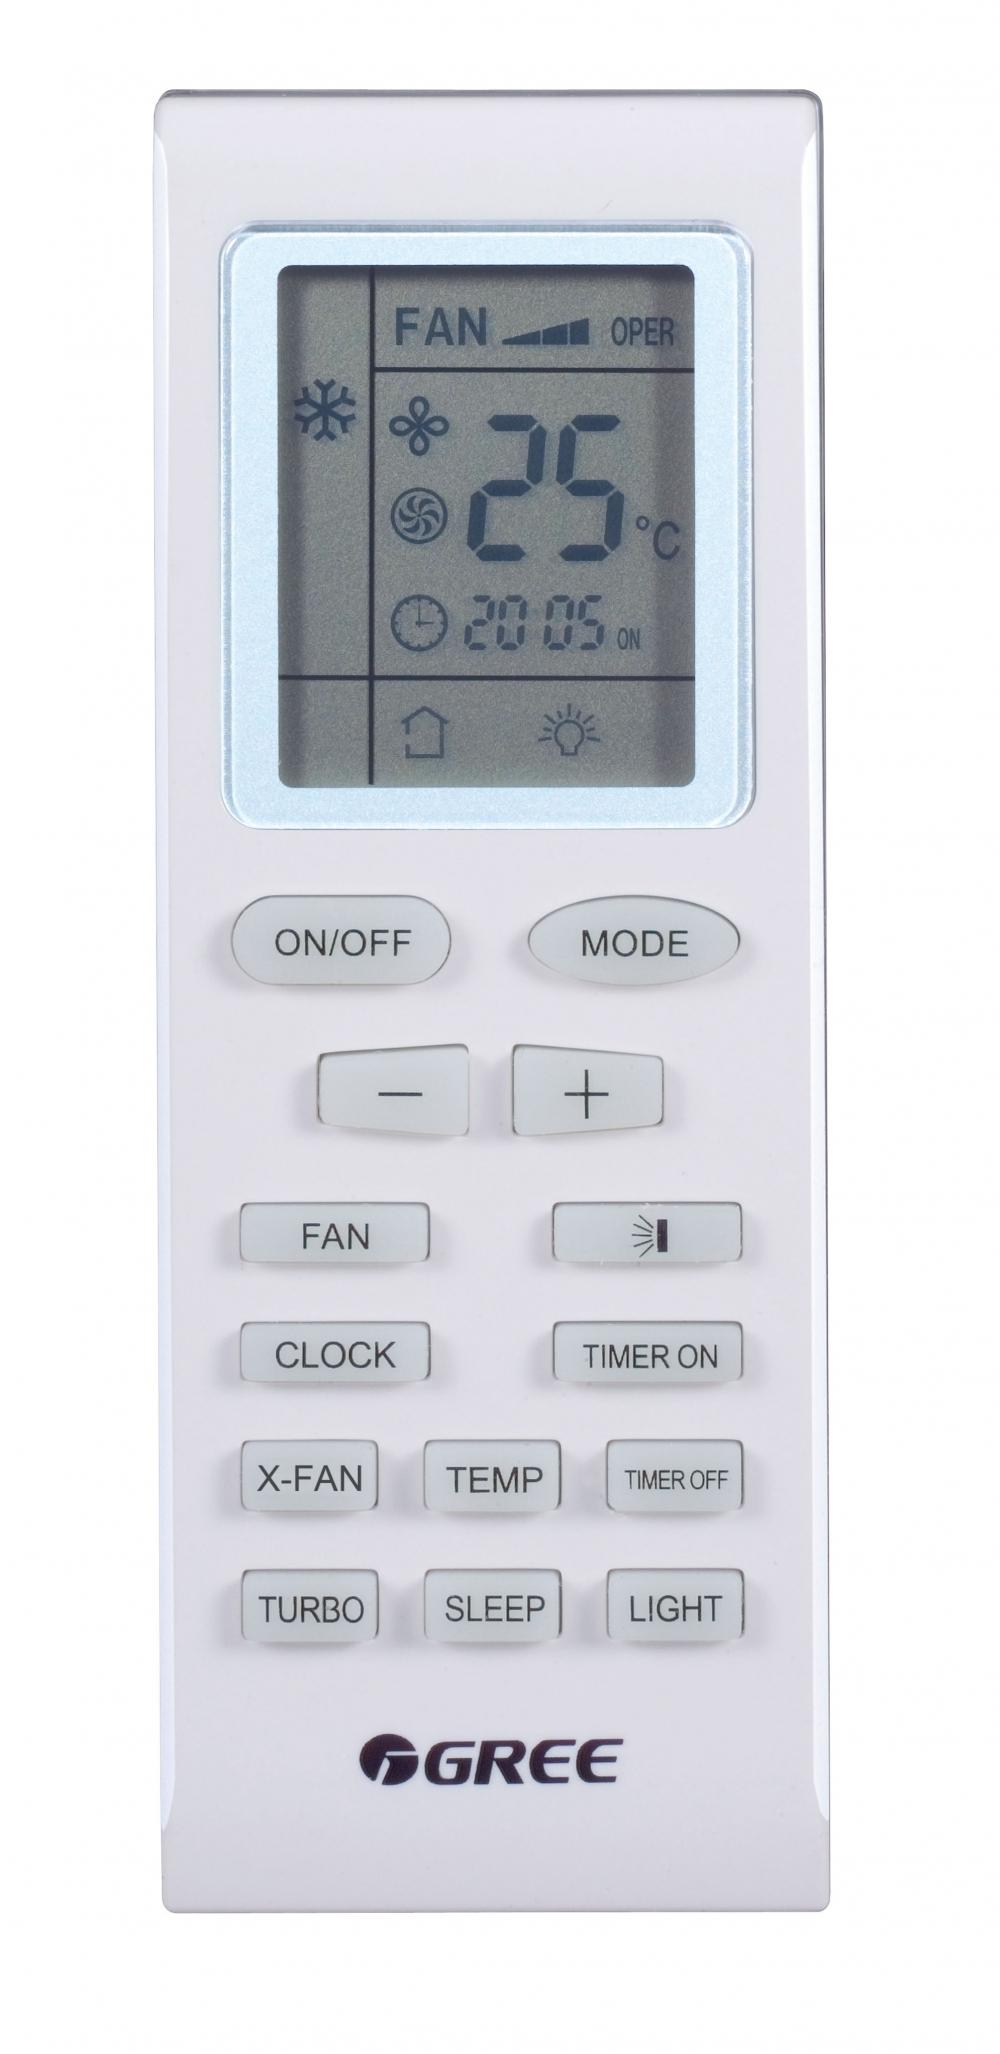 кондиционер rotex rac07 инструкция